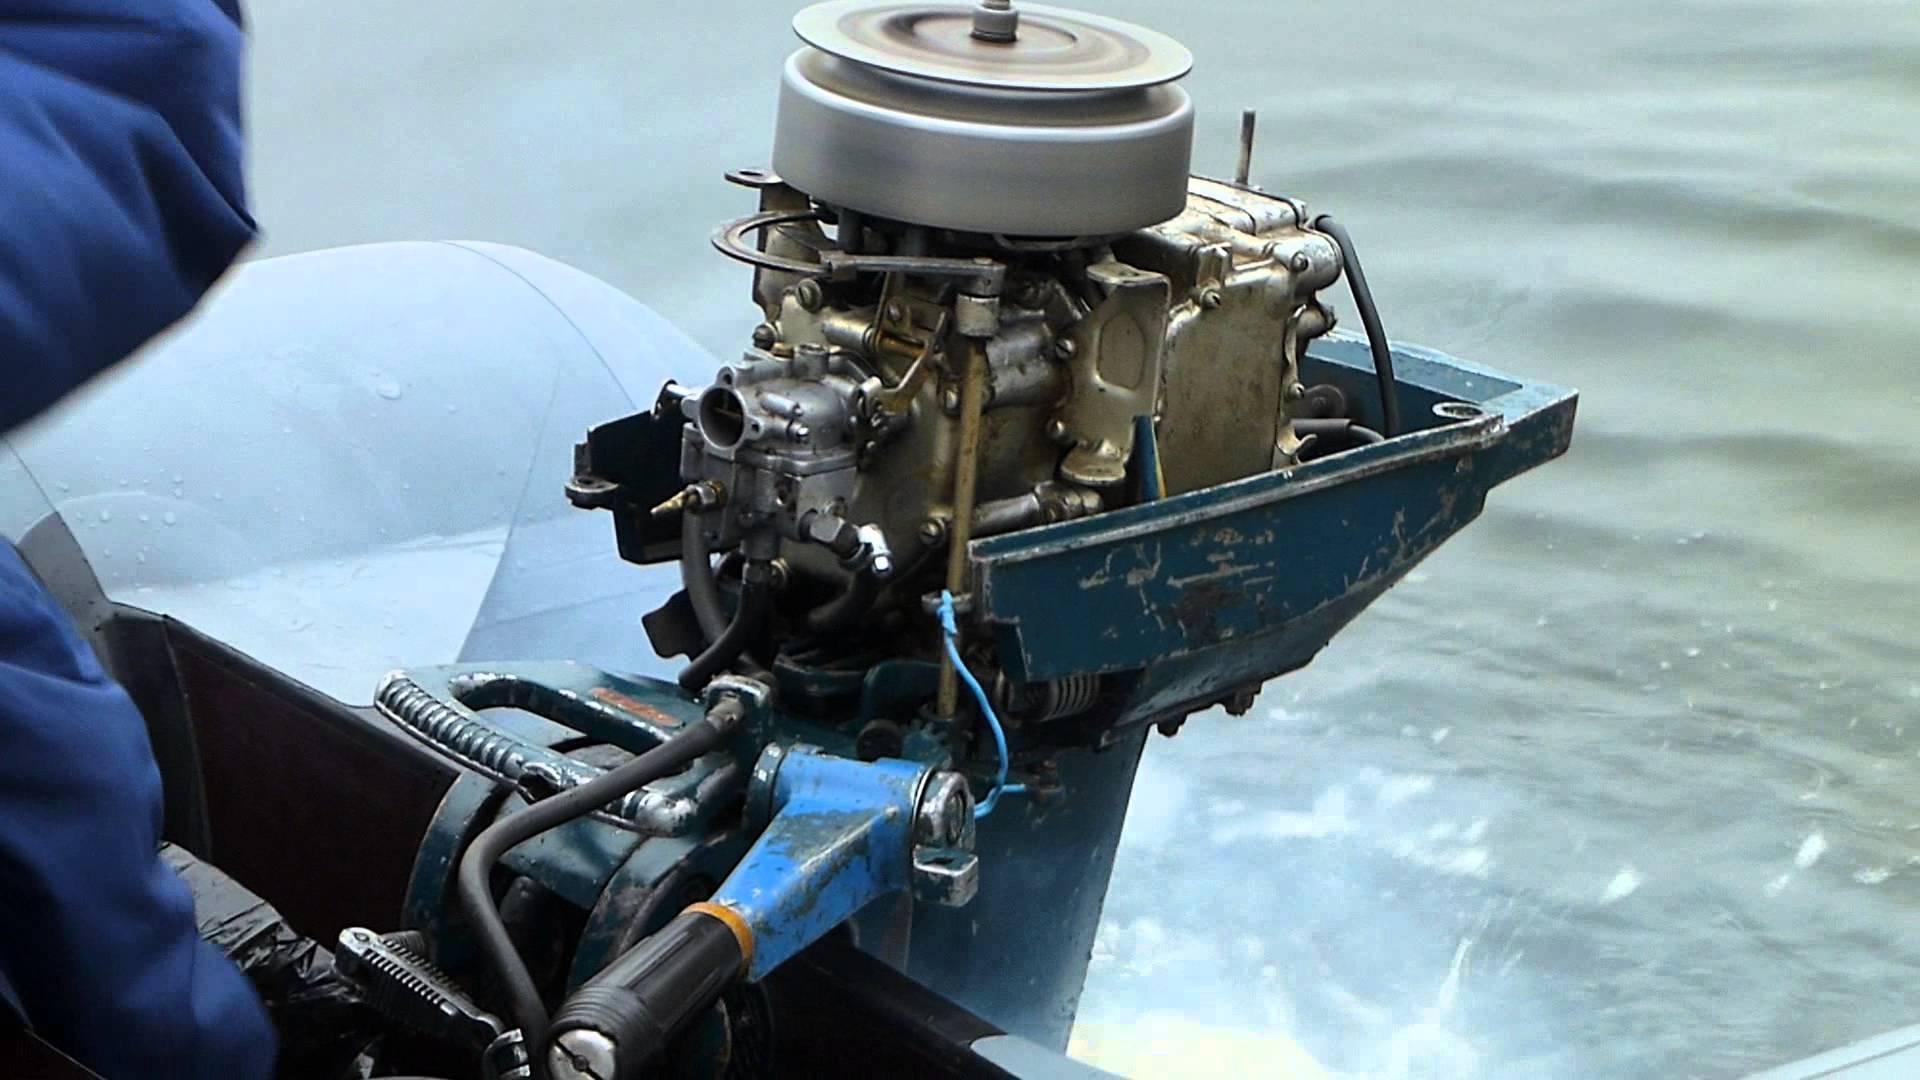 Лодочный мотор москва 10. история создания, обзор и характеристики двигателя